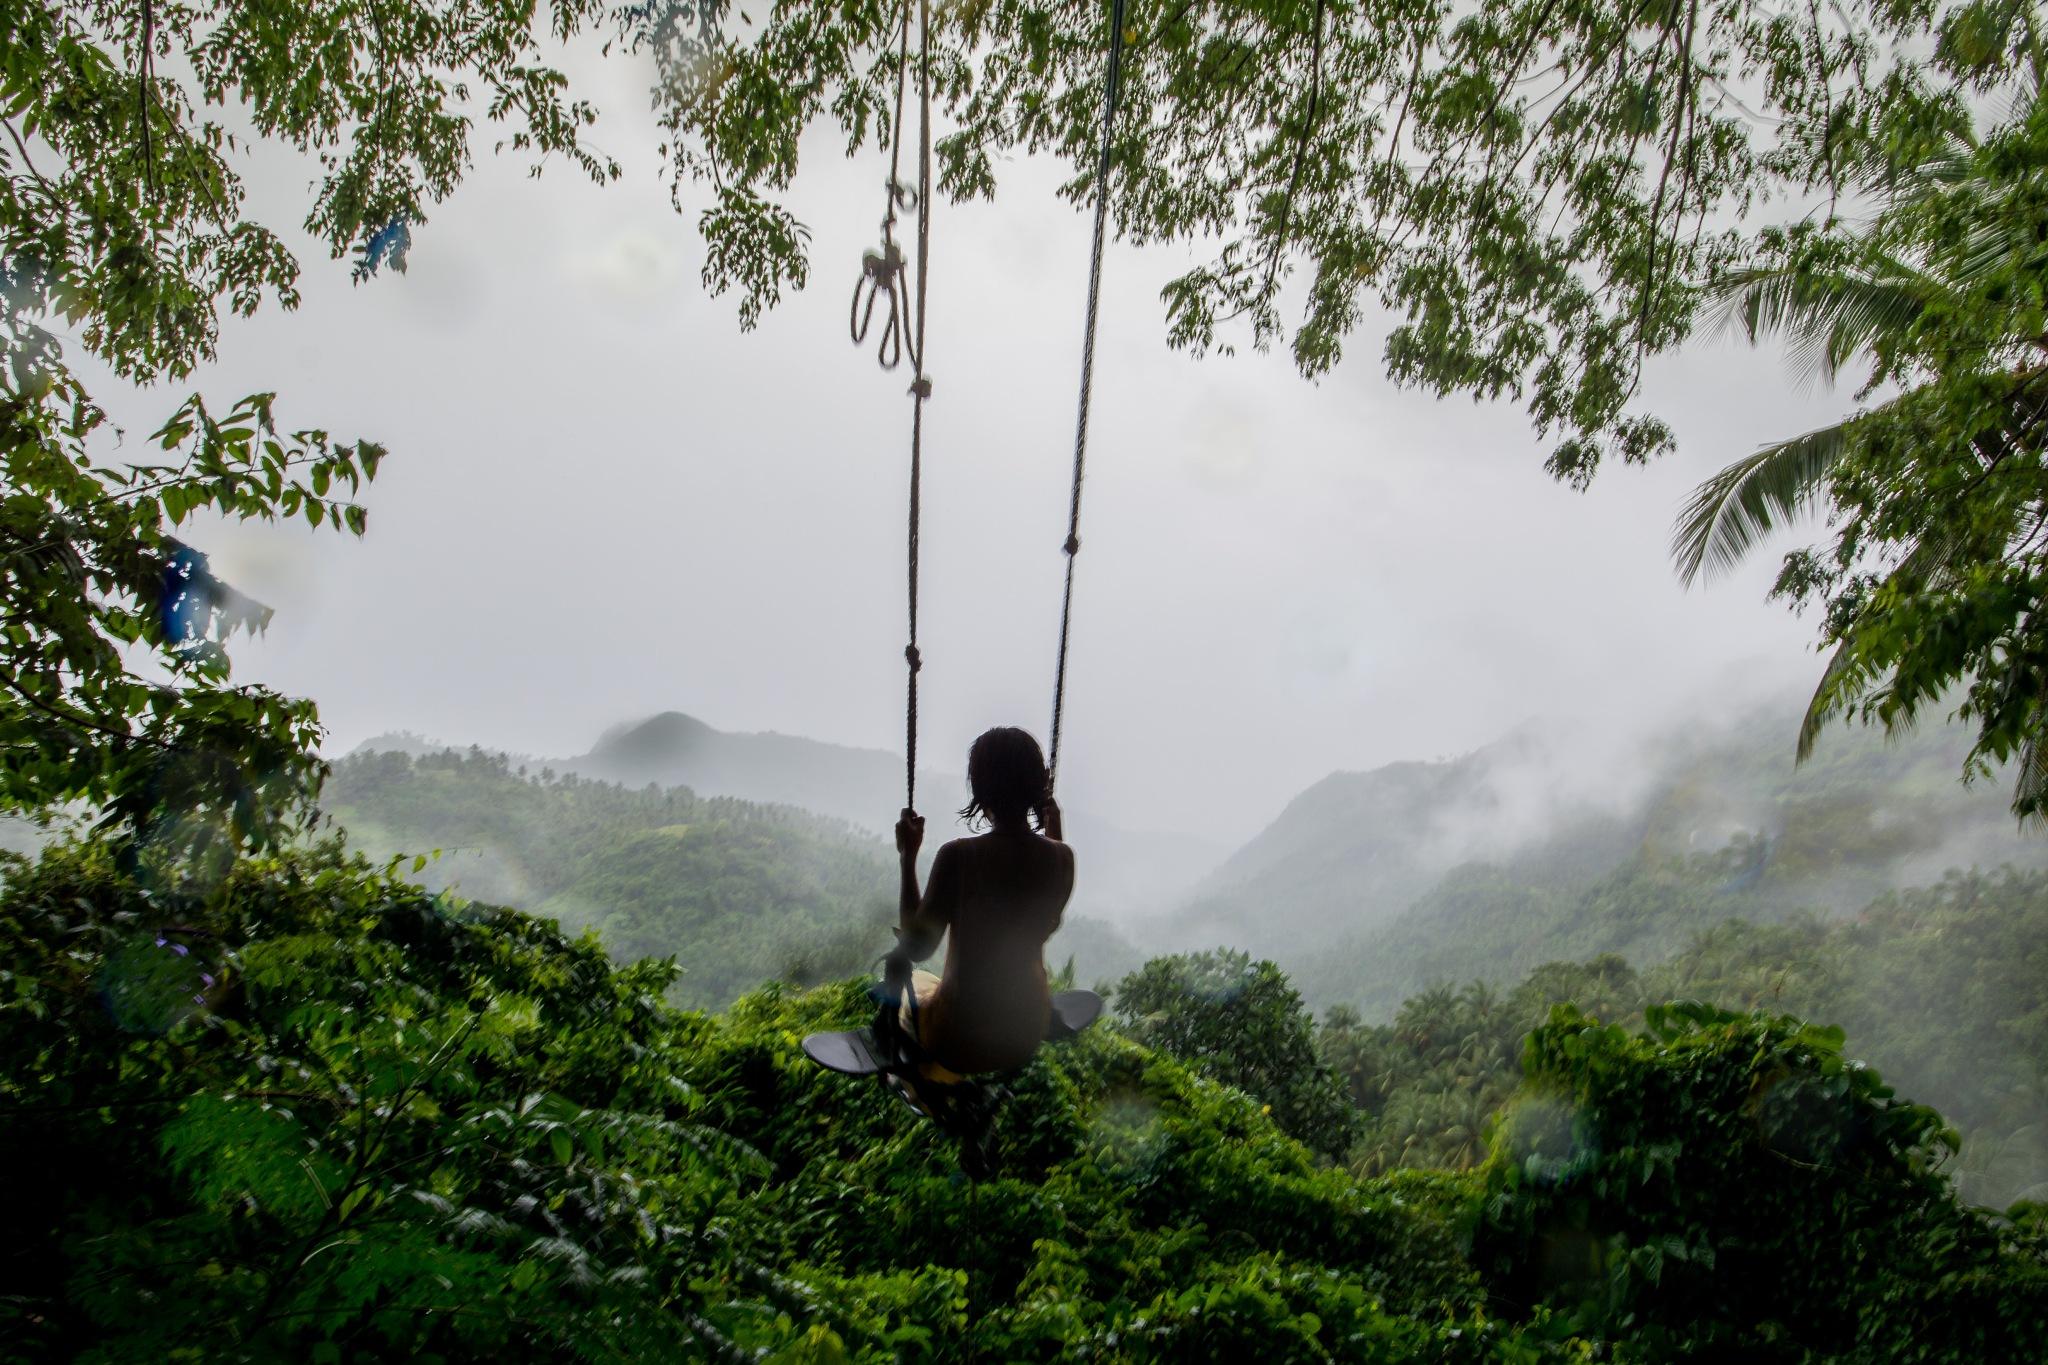 swing by owen s. duazo